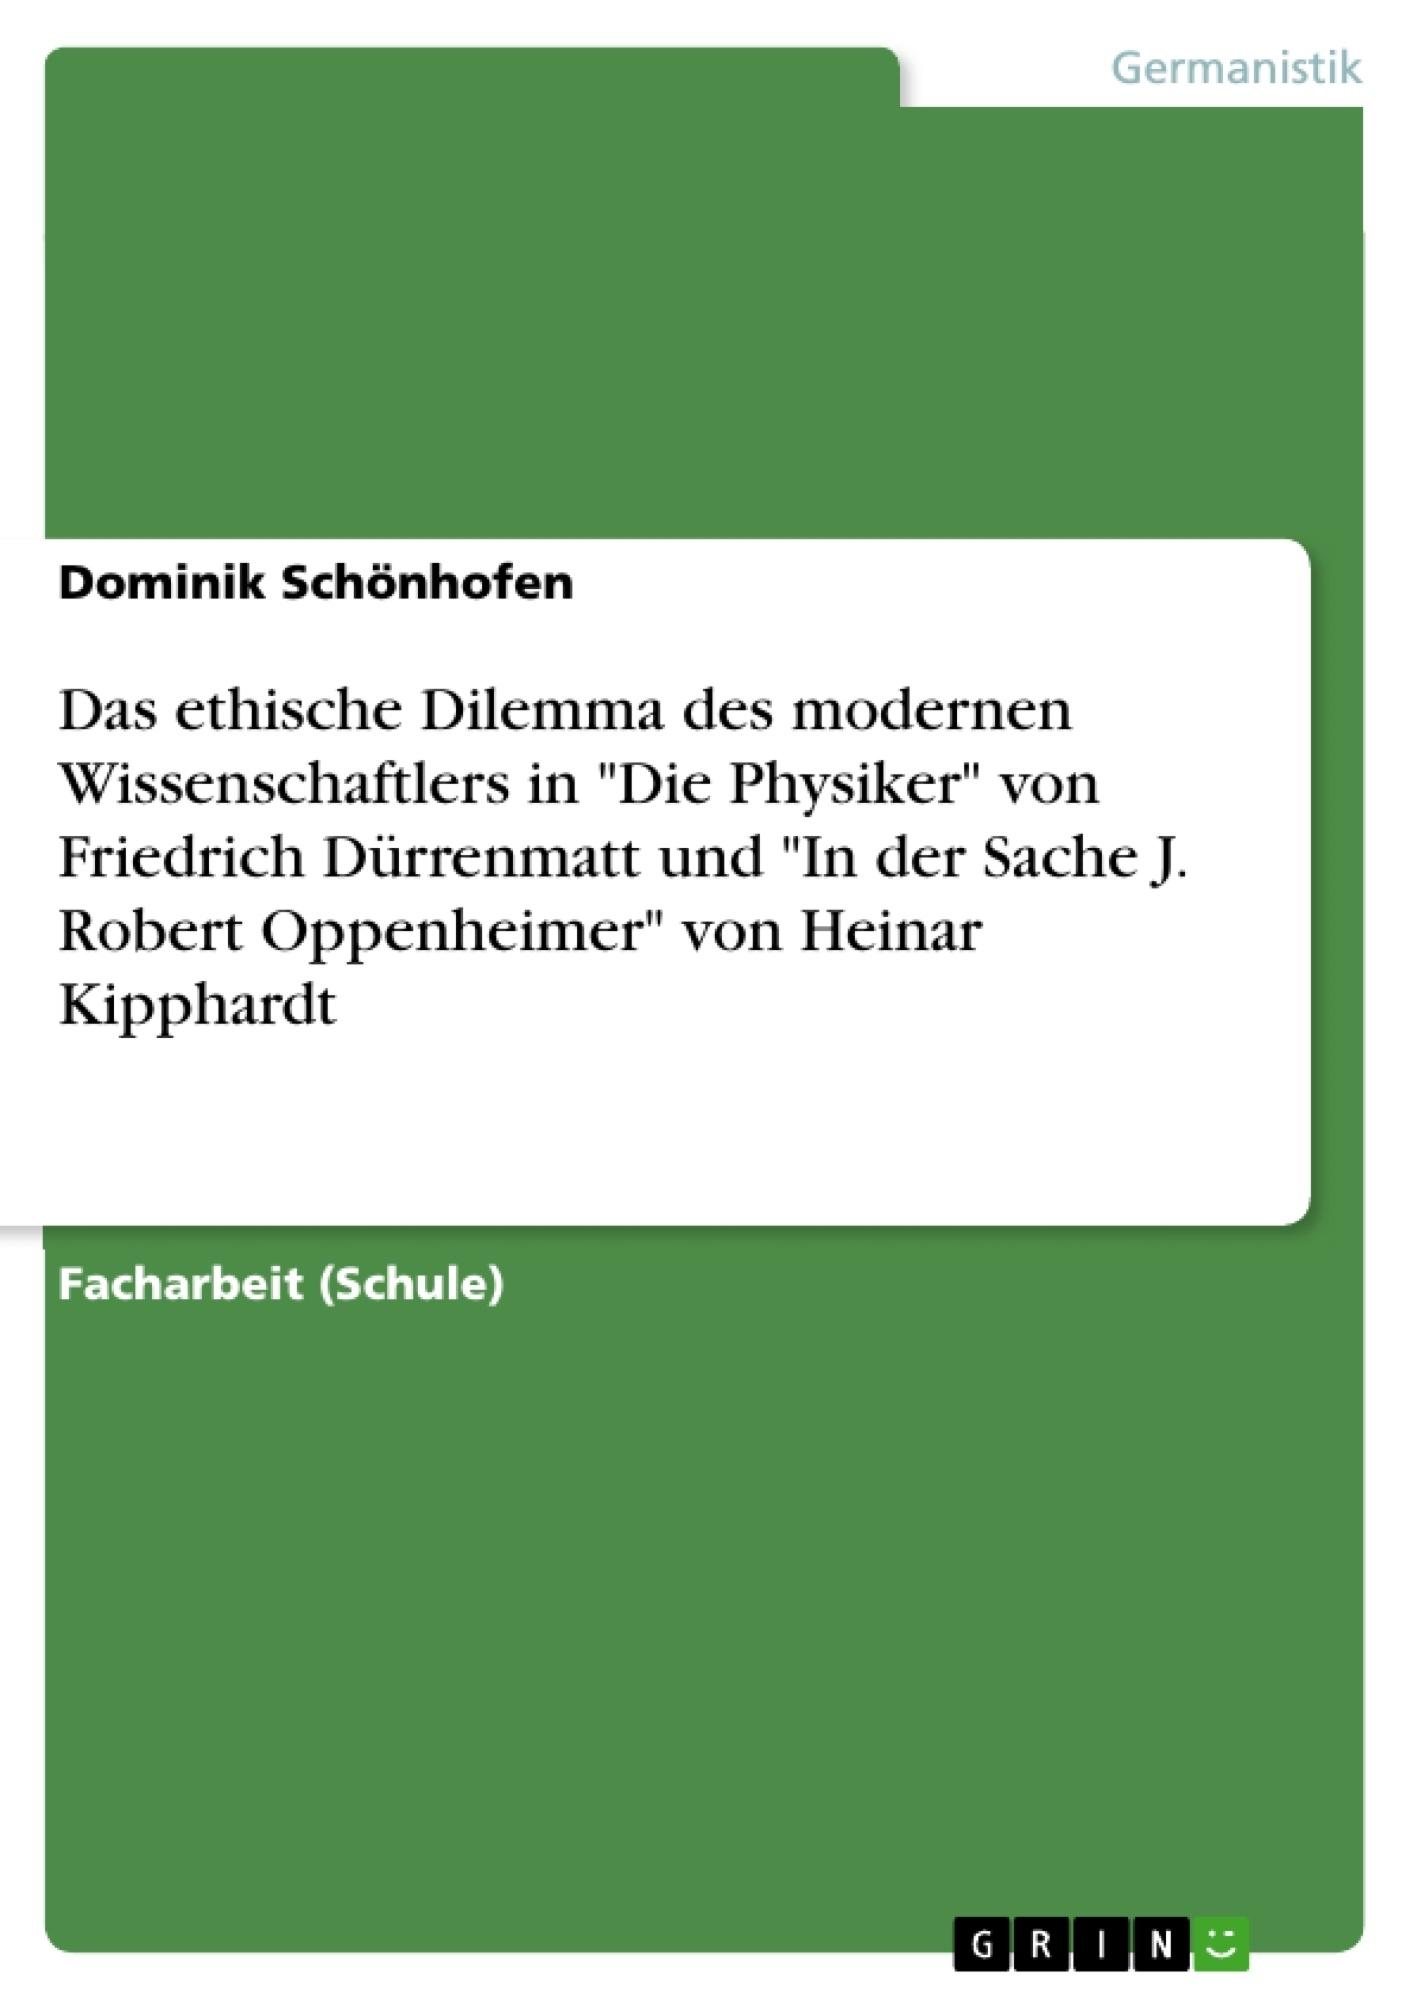 """Titel: Das ethische Dilemma des modernen Wissenschaftlers in """"Die Physiker"""" von Friedrich Dürrenmatt und """"In der Sache J. Robert Oppenheimer"""" von Heinar Kipphardt"""